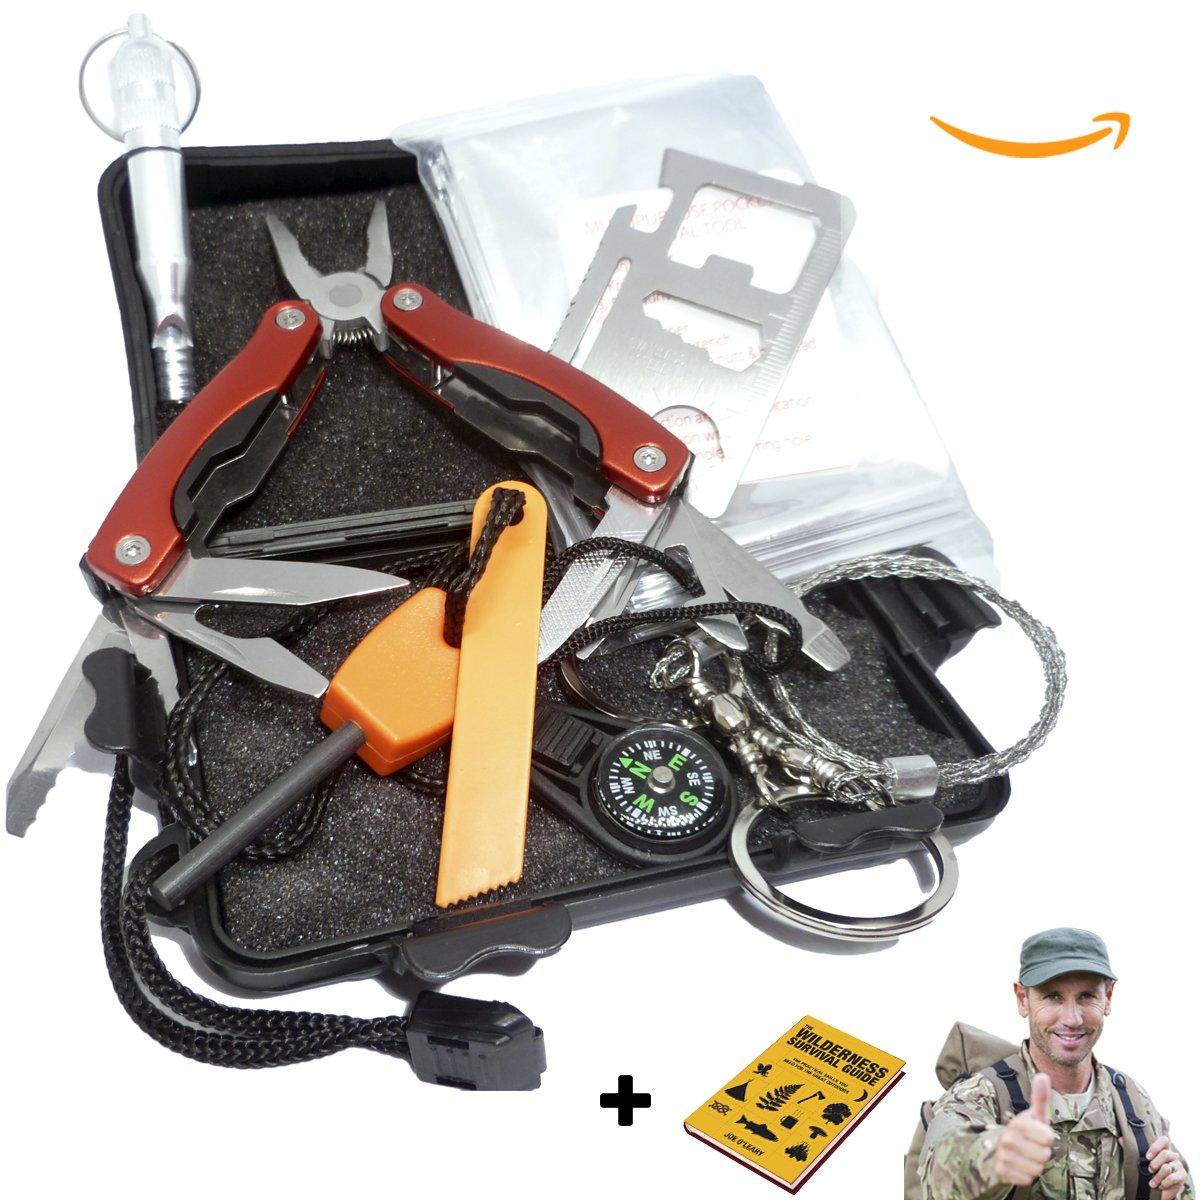 AVStar - Kit de Supervivencia y Emergencia Profesional, +20 funciones, excursiones acampadas y caminatas seguras: silvato cuchillo manta sierra herramientas ...